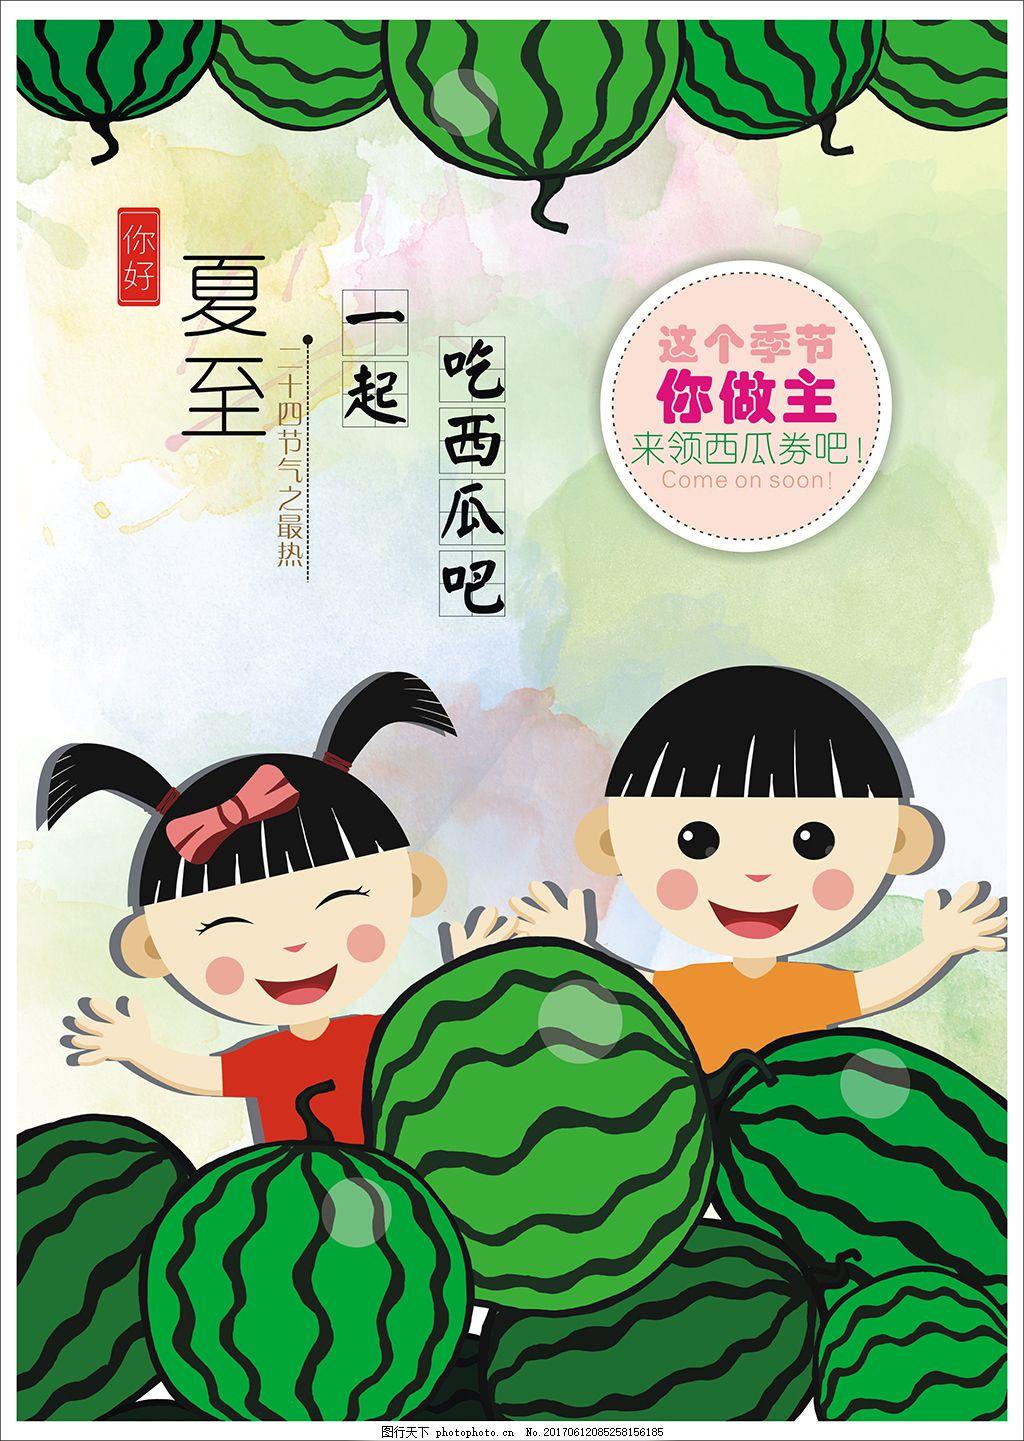 夏天夏至降暑吃西瓜手绘海报